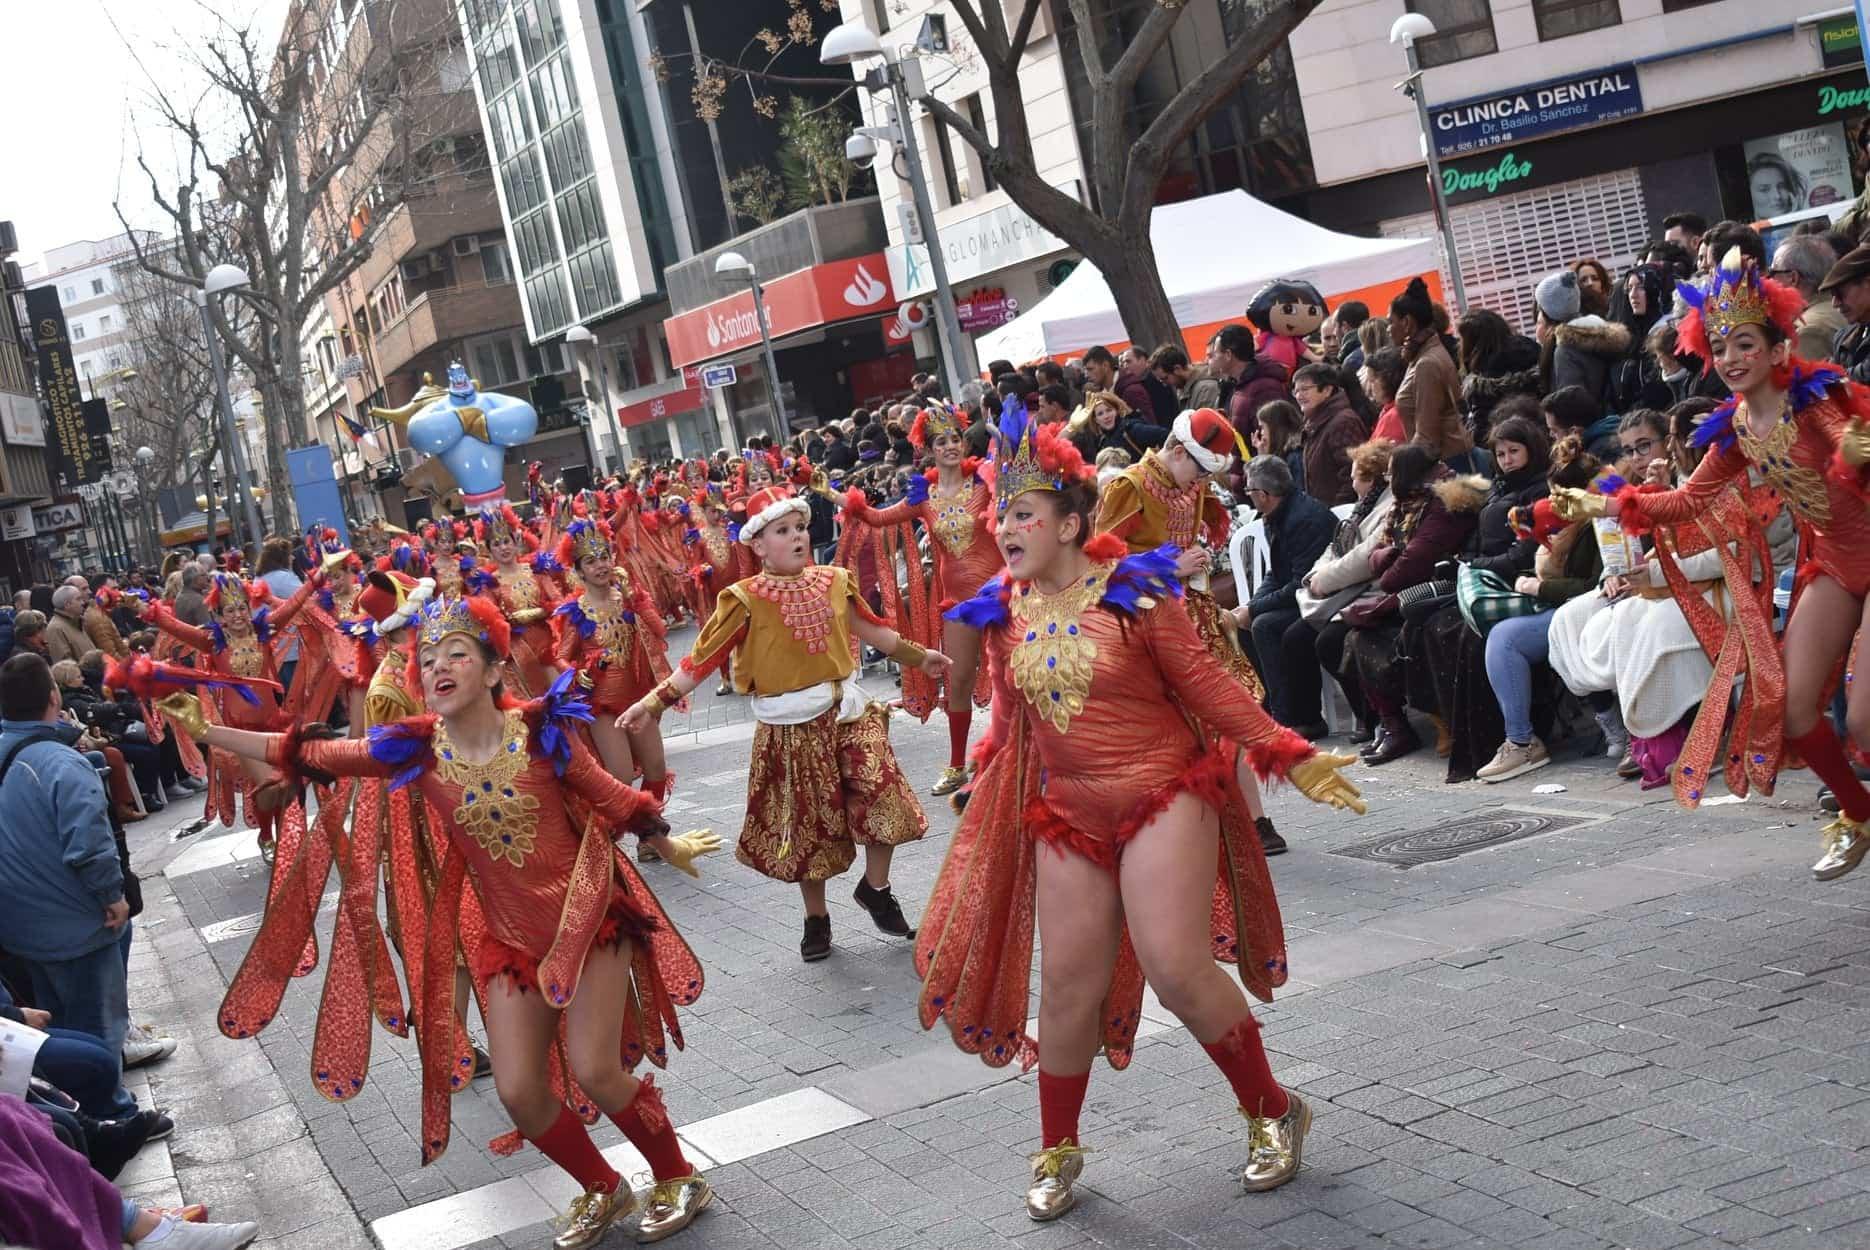 Carnaval de ciudad real 2020 axonsou arlequin oro herencia 20 - Axonsou se lleva el Arlequín de Oro en Ciudad Real